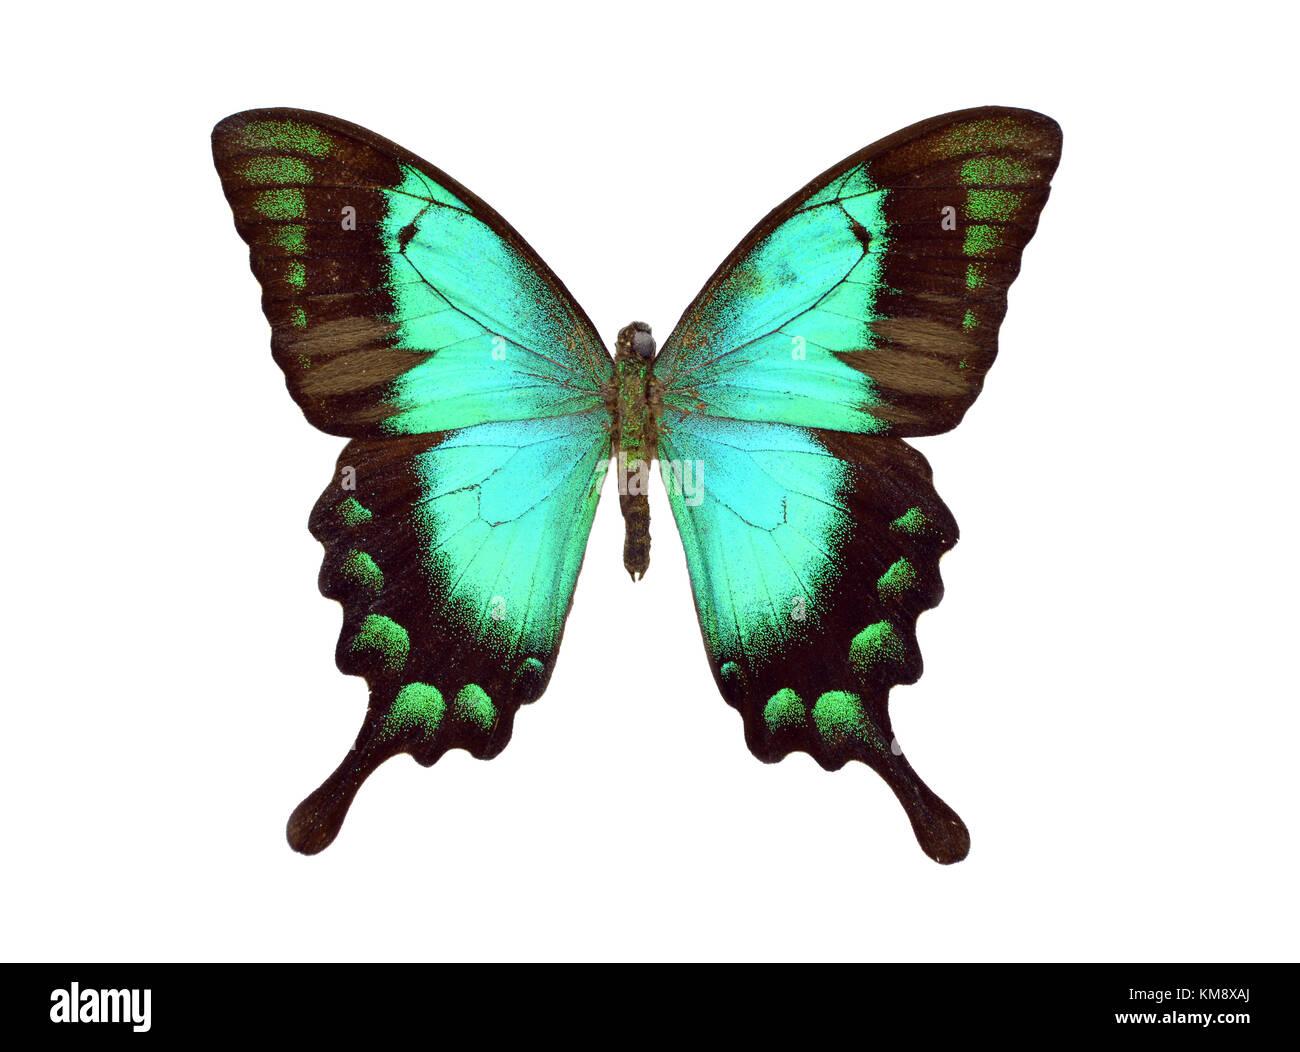 Bella colorata papilio palinurus butterfly isolati su sfondo bianco Immagini Stock